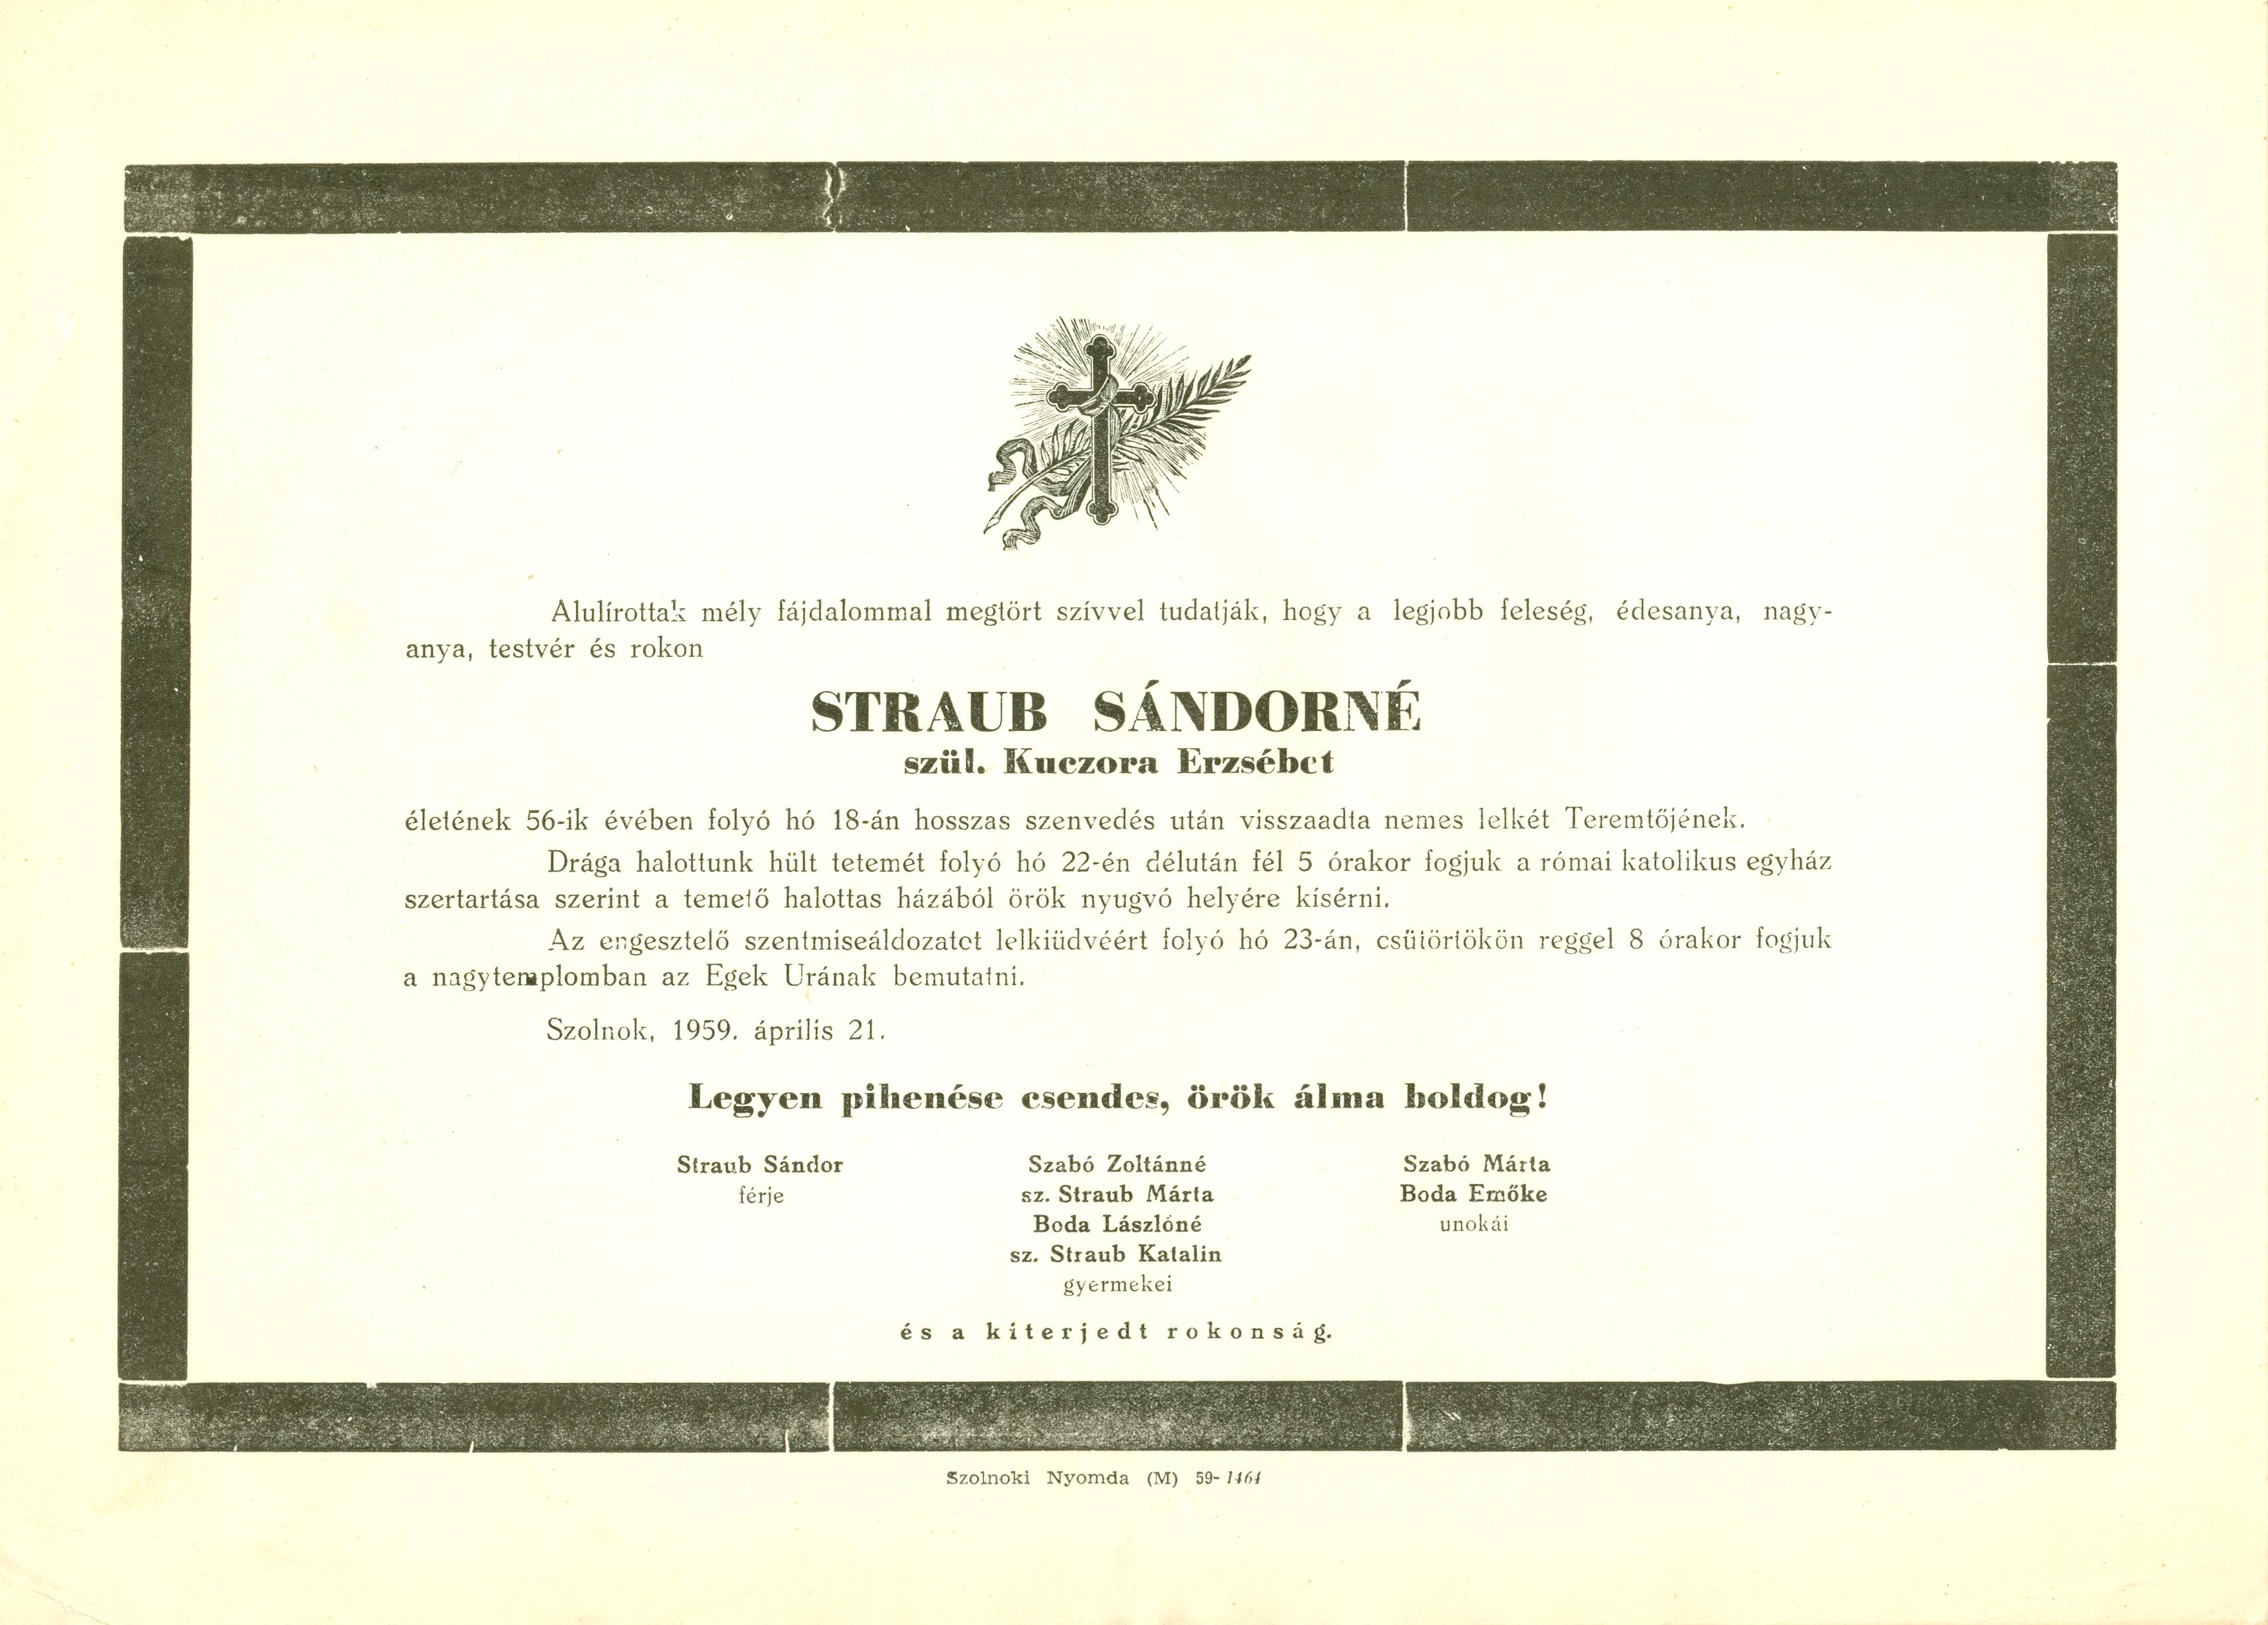 Straub Sándorné